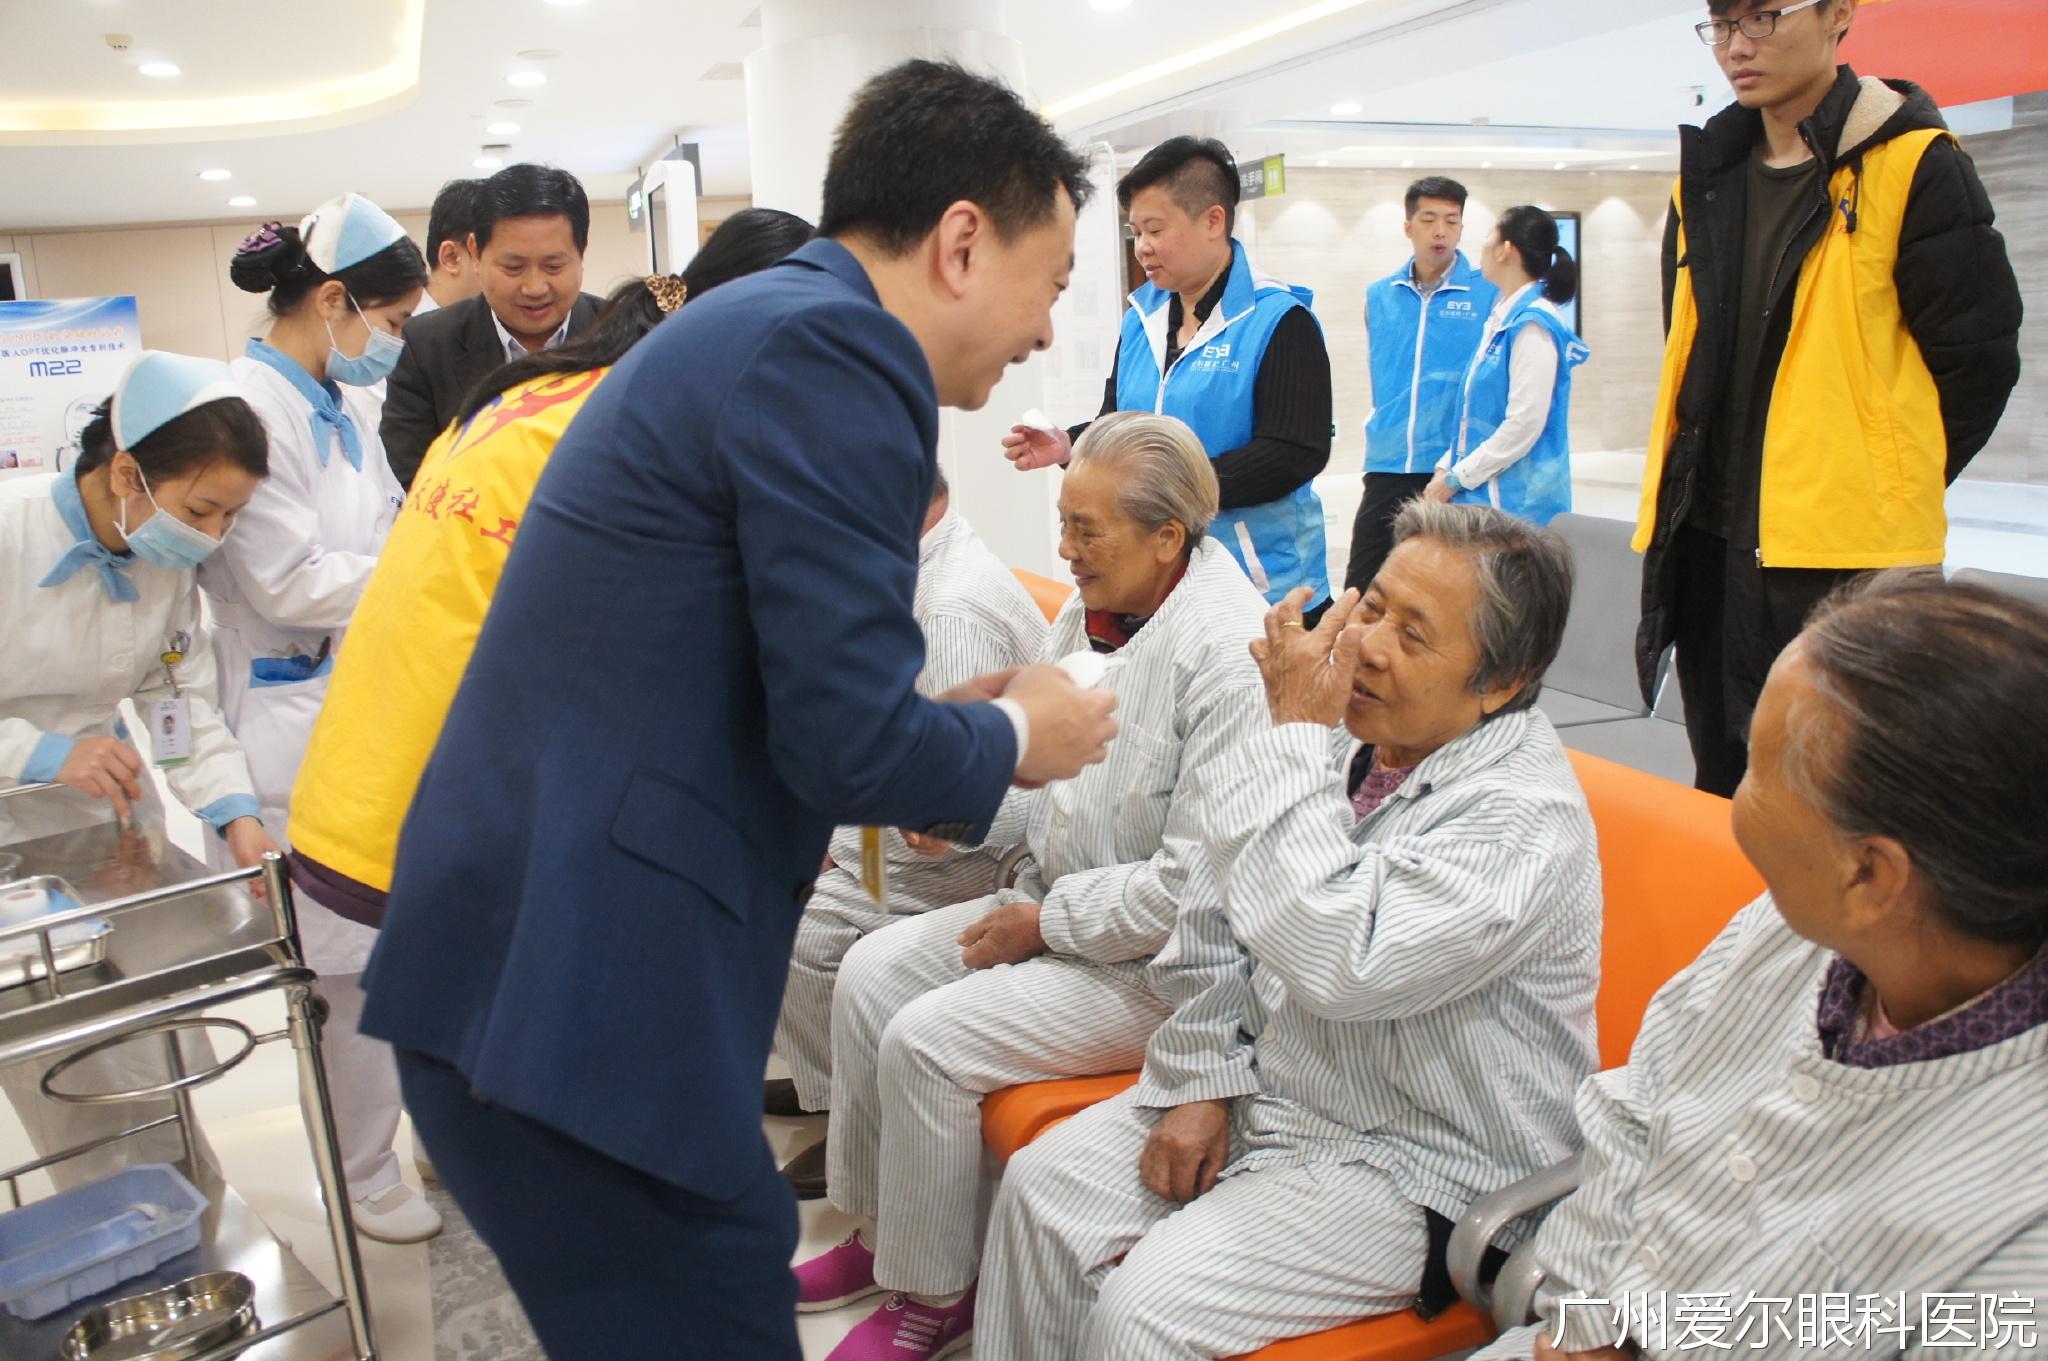 高平先生、武哲明主任、杨绍茂先生与区泳璋女士为患者揭开纱布